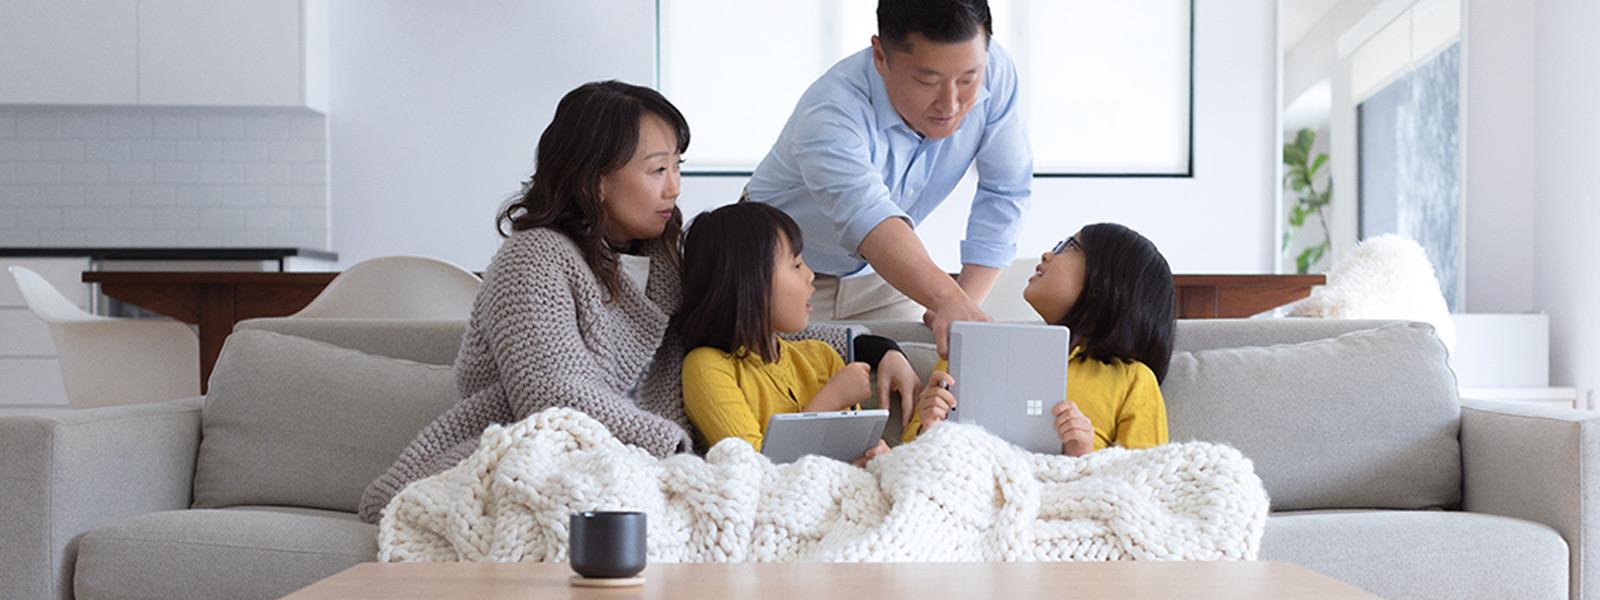 一家人坐在沙发上,两个孩子拿着两台 Surface Go 设备